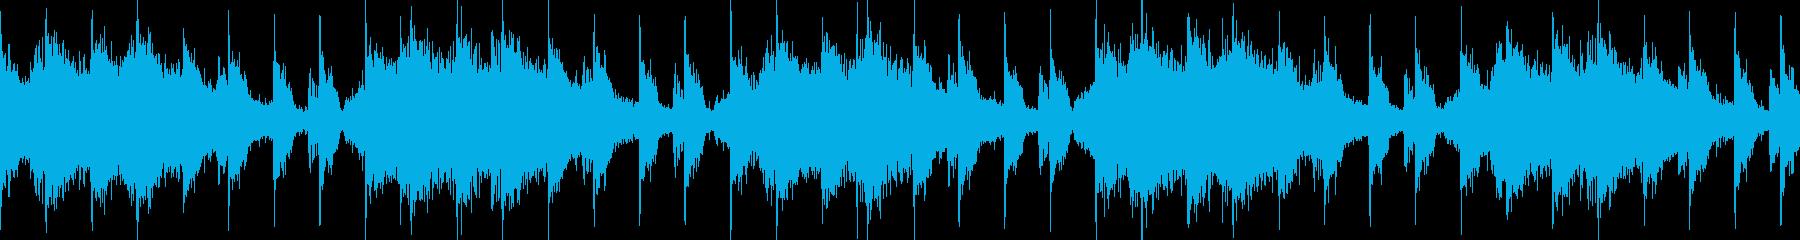 緊張・不安・緊迫・ループの再生済みの波形